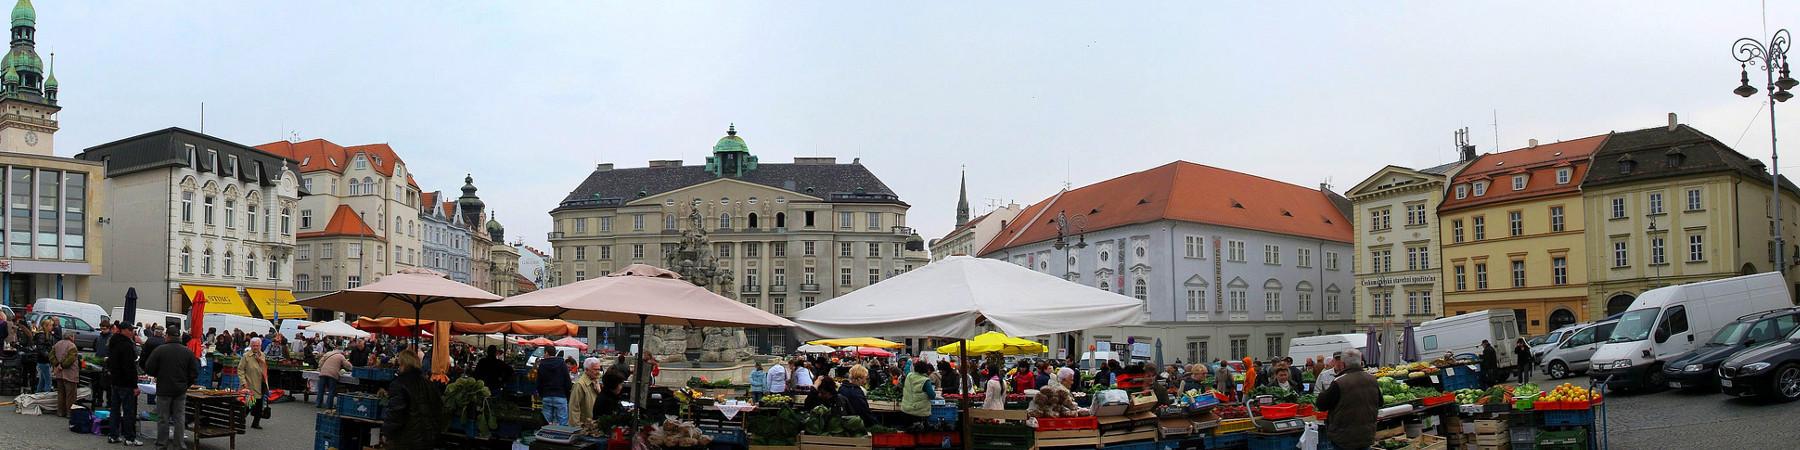 Doświadczenia z Brna, Czechy, autor: Martin